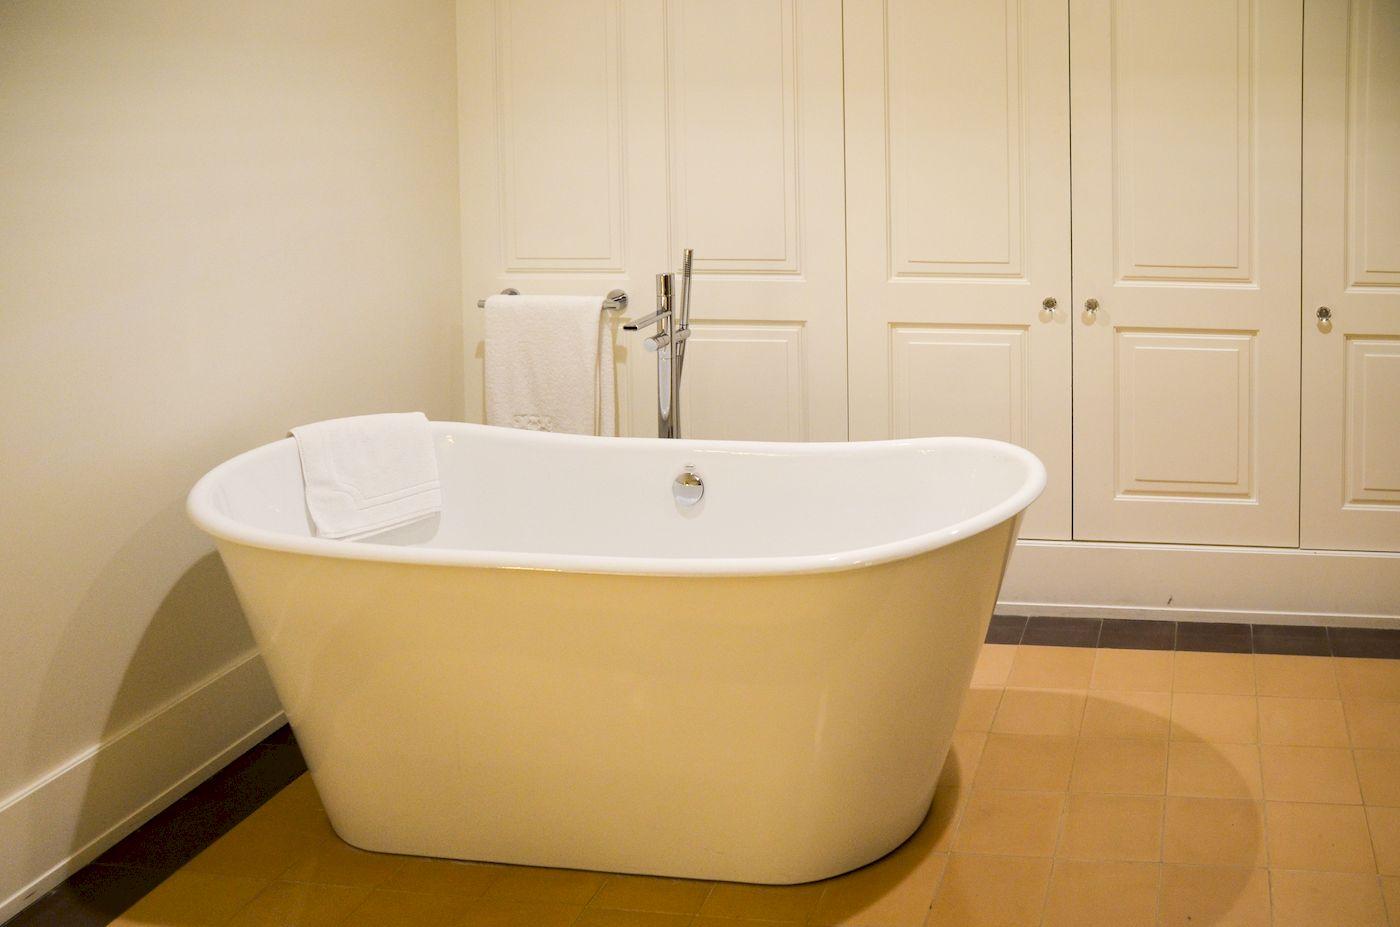 baignoire santiago de alfama lisbonne blog voyages. Black Bedroom Furniture Sets. Home Design Ideas